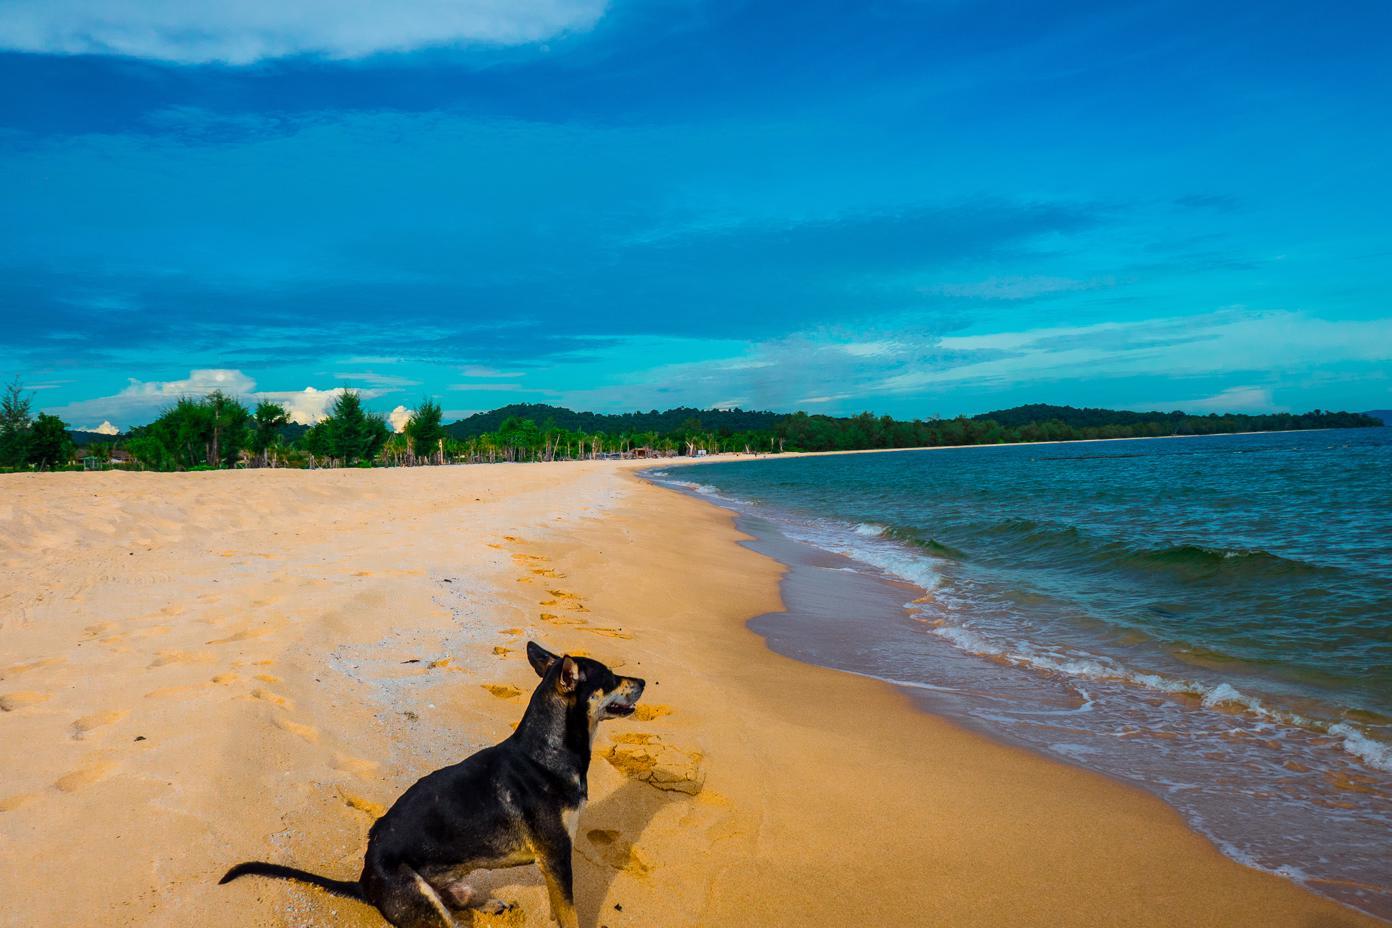 Phu Quoc Island Beaches - Vung Bau Beach where we were joined by 2 local dogs